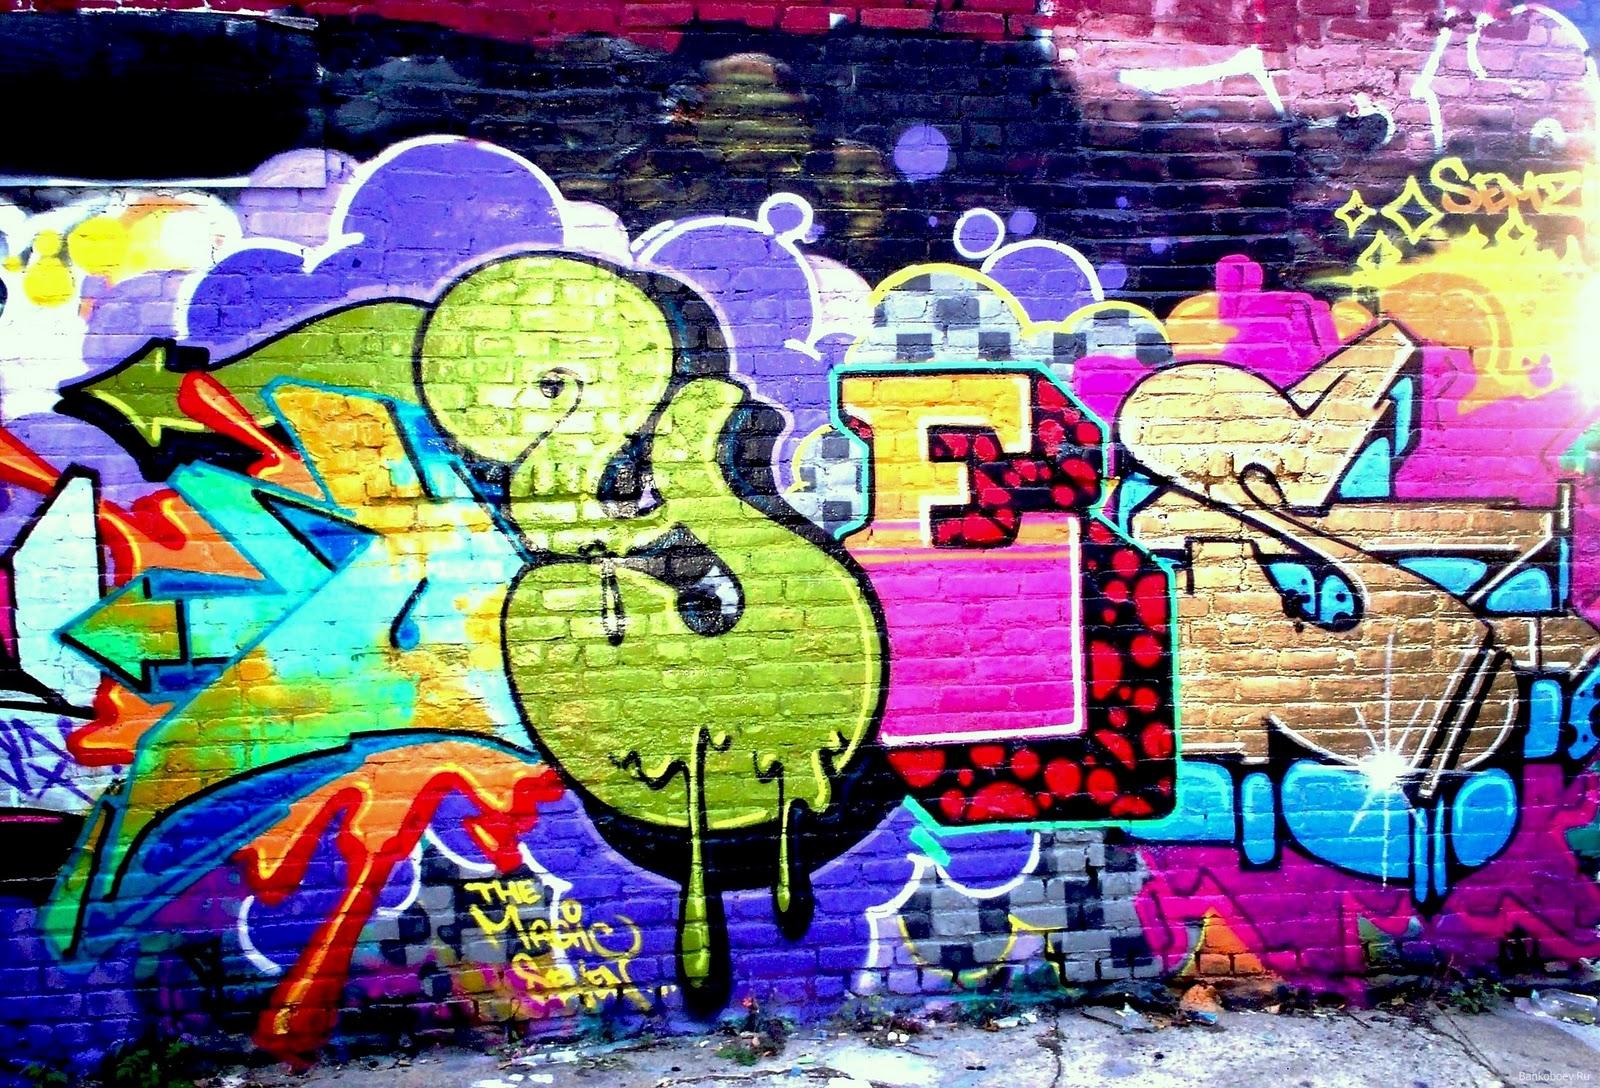 Fotos de Hermosos y Sorprendentes Graffitis (graffitis sorprendentes )